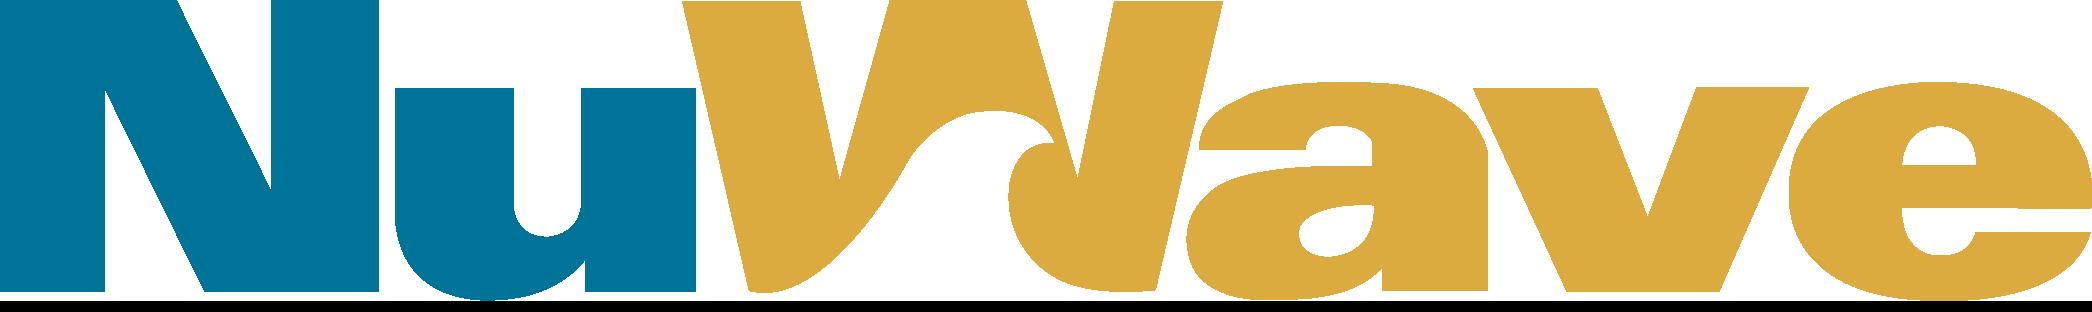 NuWave+logo new.png